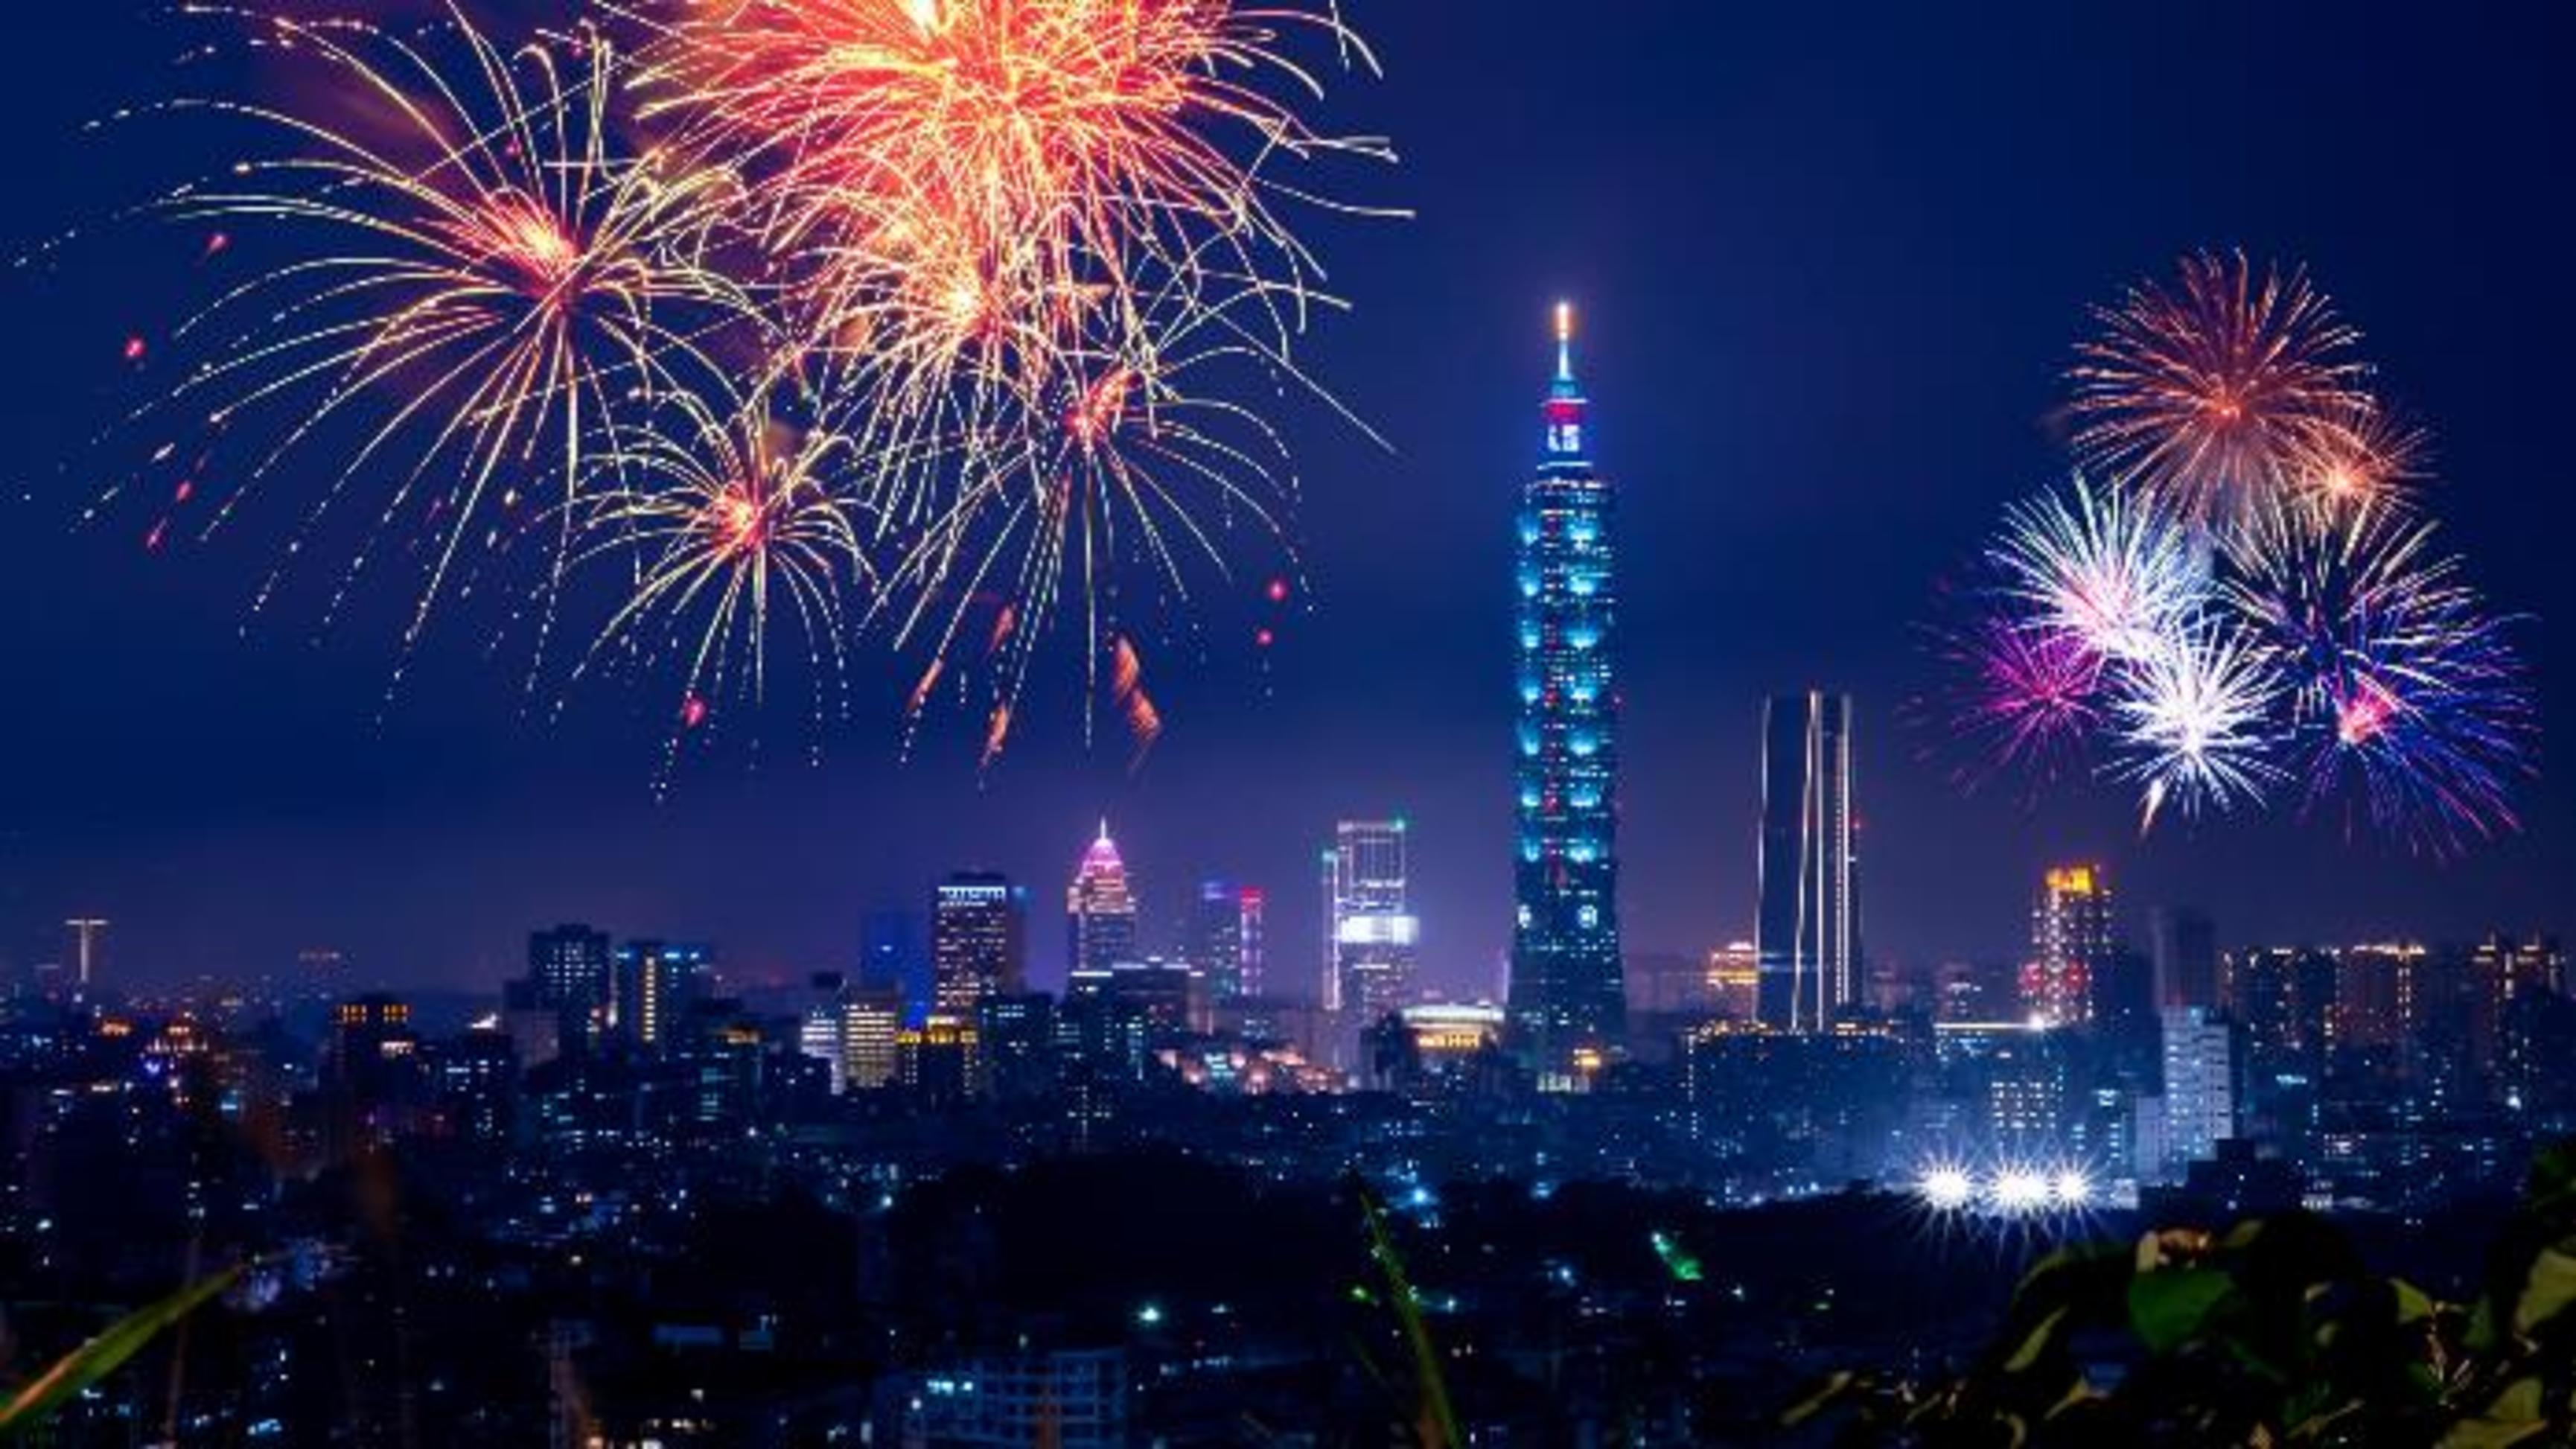 Taiwan : ไต้หวัน ไทจง หนานโถว ไทเป [เคาท์ดาวน์สุดมันส์]